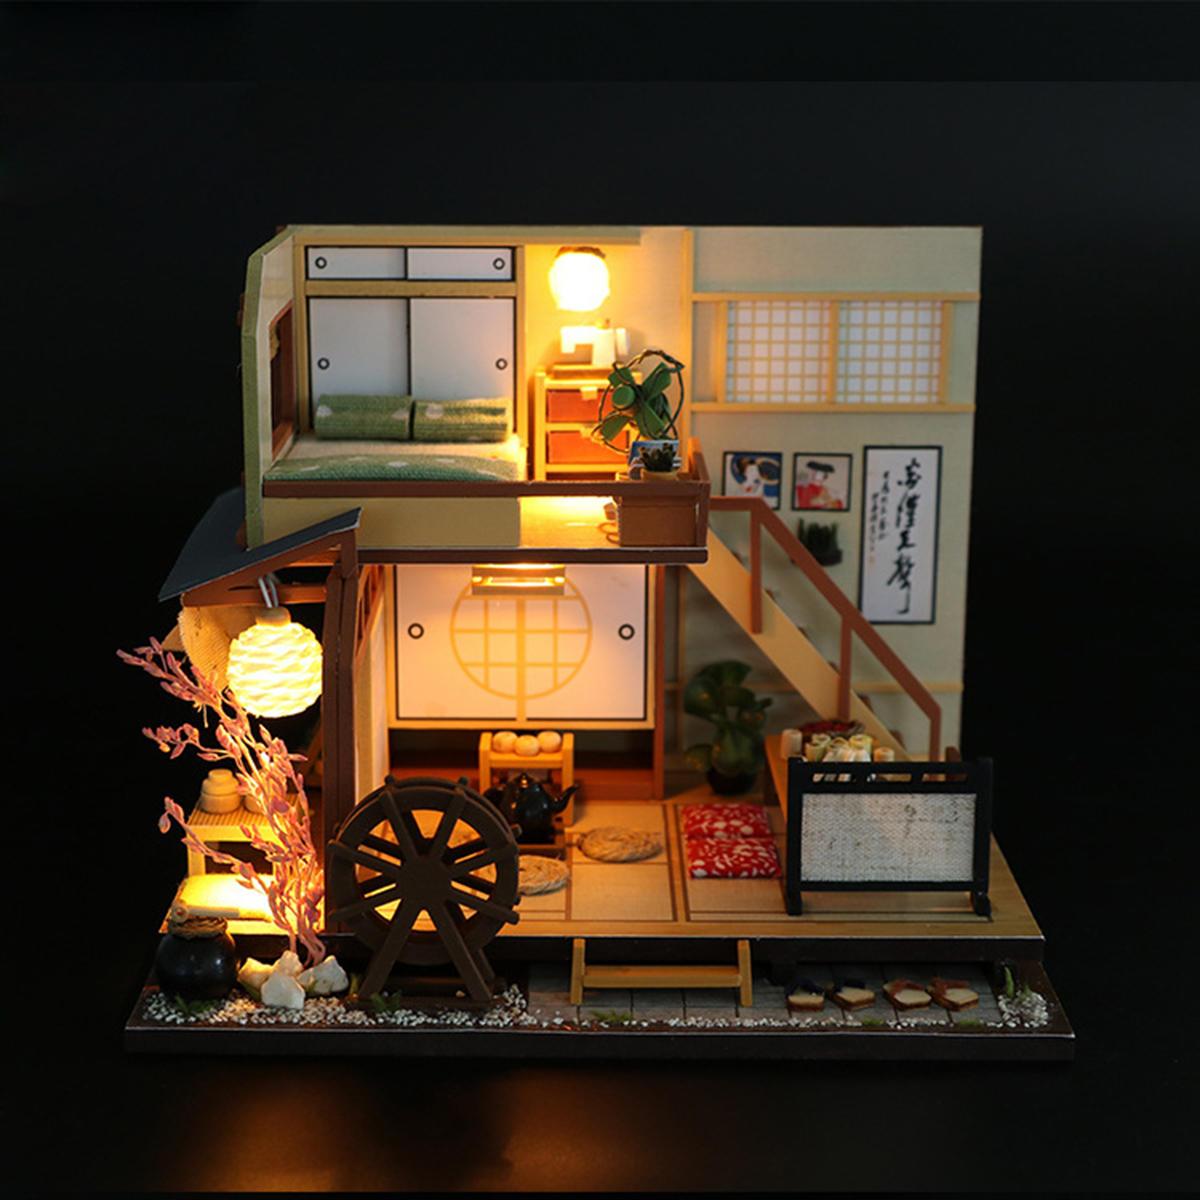 DIY Casa de Muñecas en Miniatura de Muebles de Madera LED Kit de Estilo Japonés de Artesanía de Juguete Casa de Muñecas de Regalo